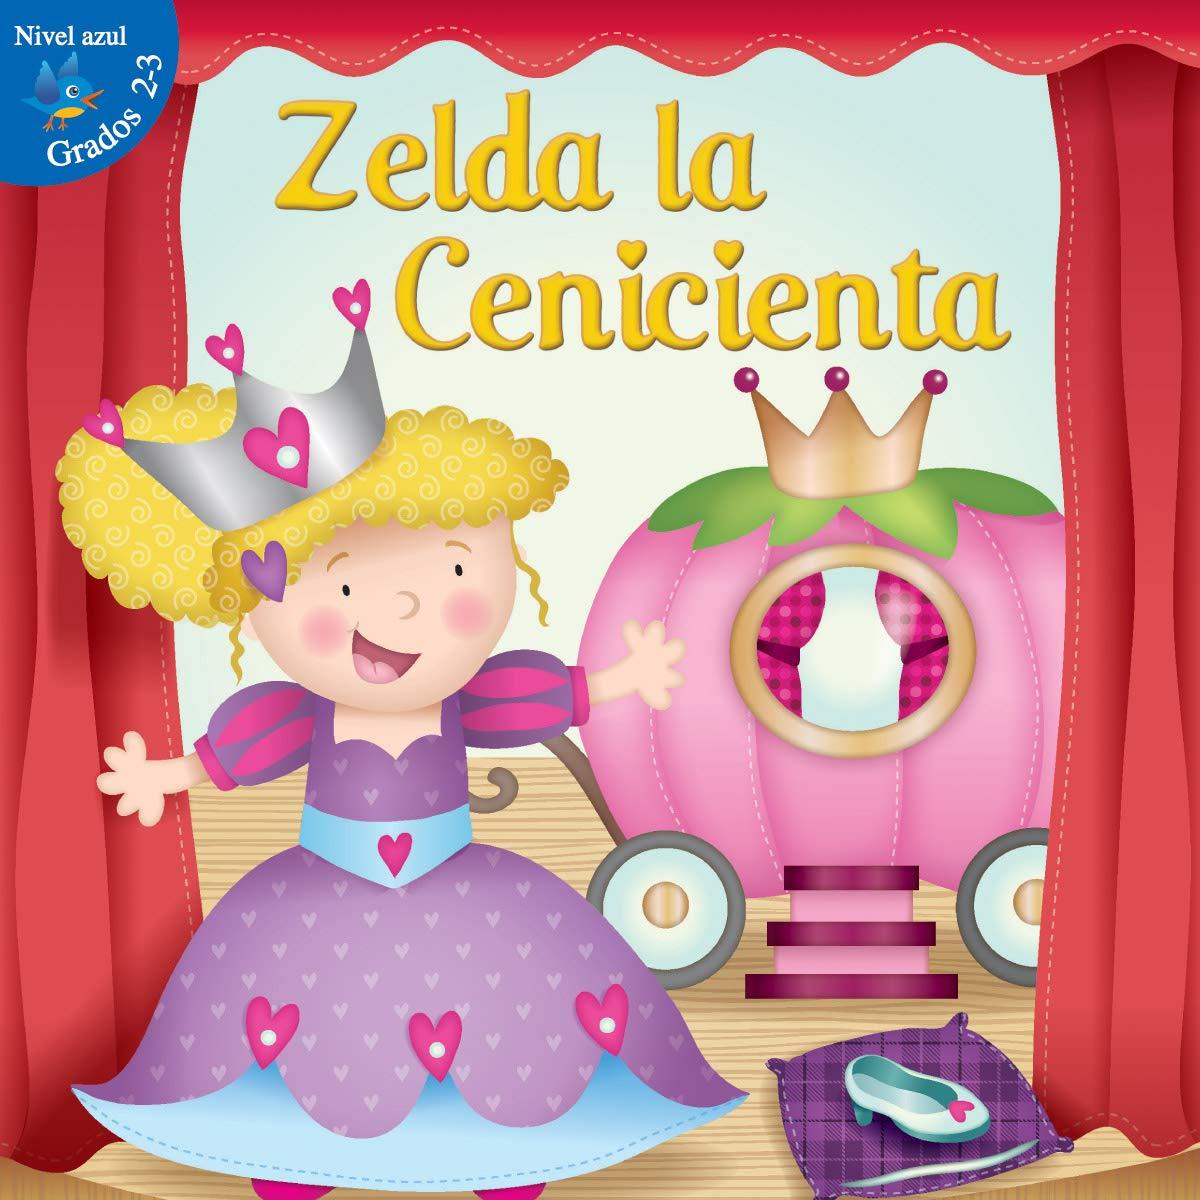 Zelda la cenicienta: Cinderella Zelda (Little Birdie Readers) PDF